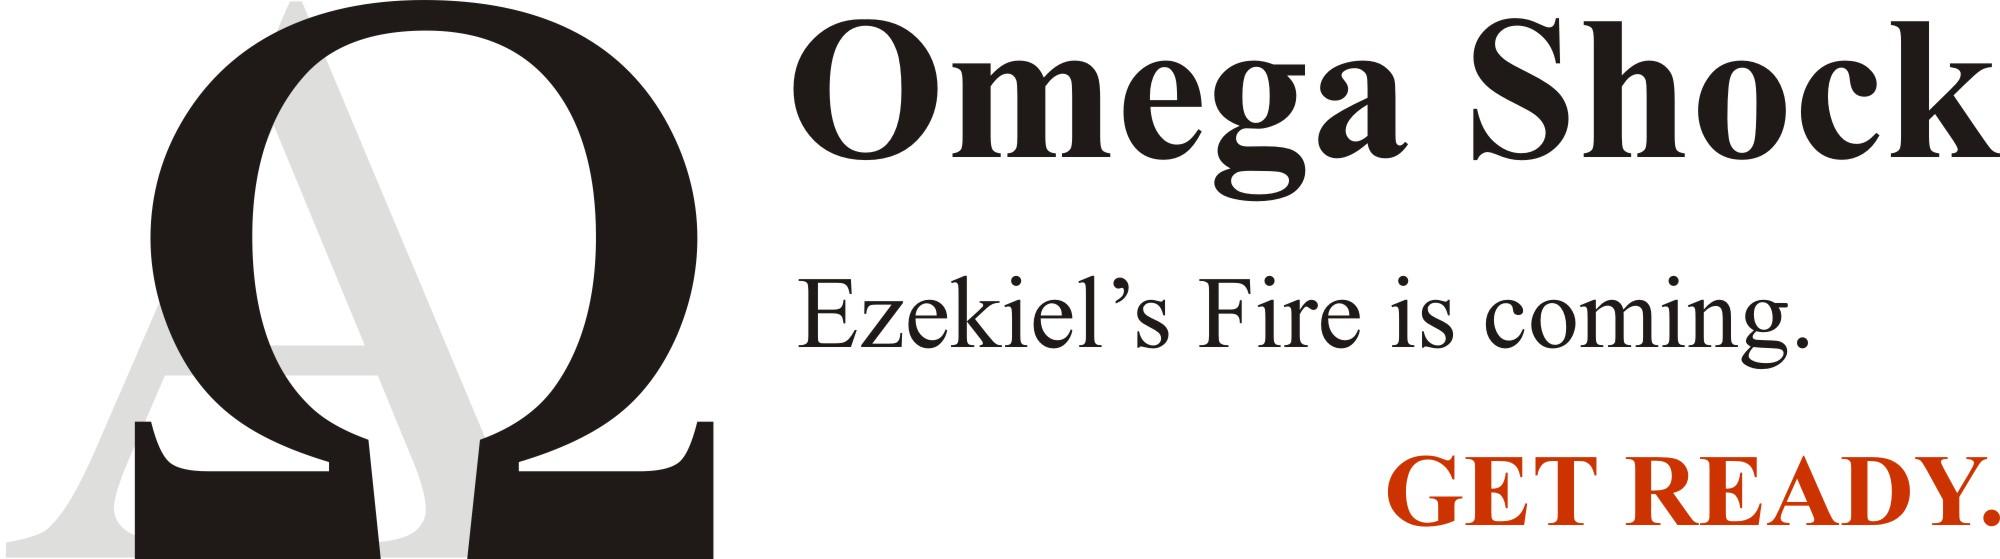 OmegaShock.com